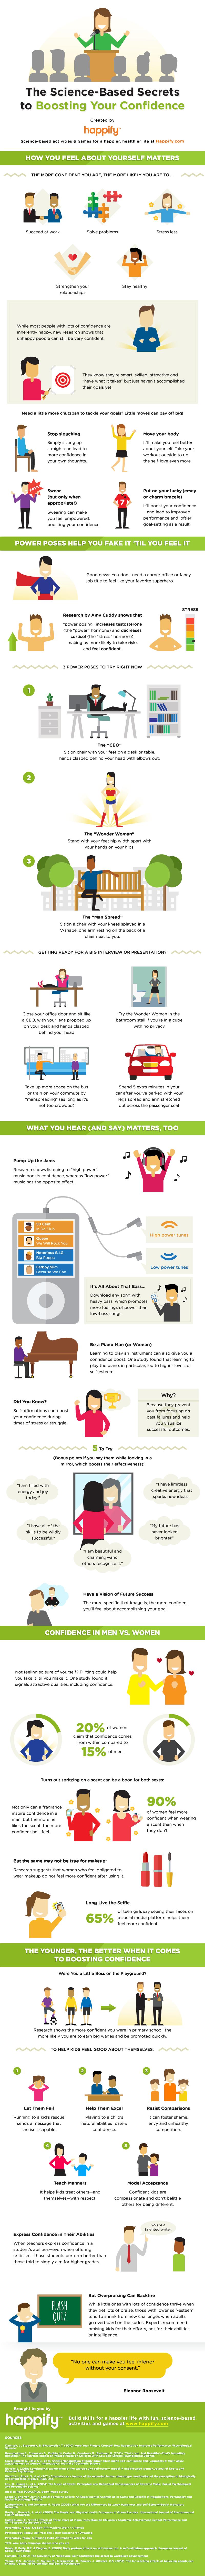 Infographic: zo krijgt je zelfvertrouwen een boost